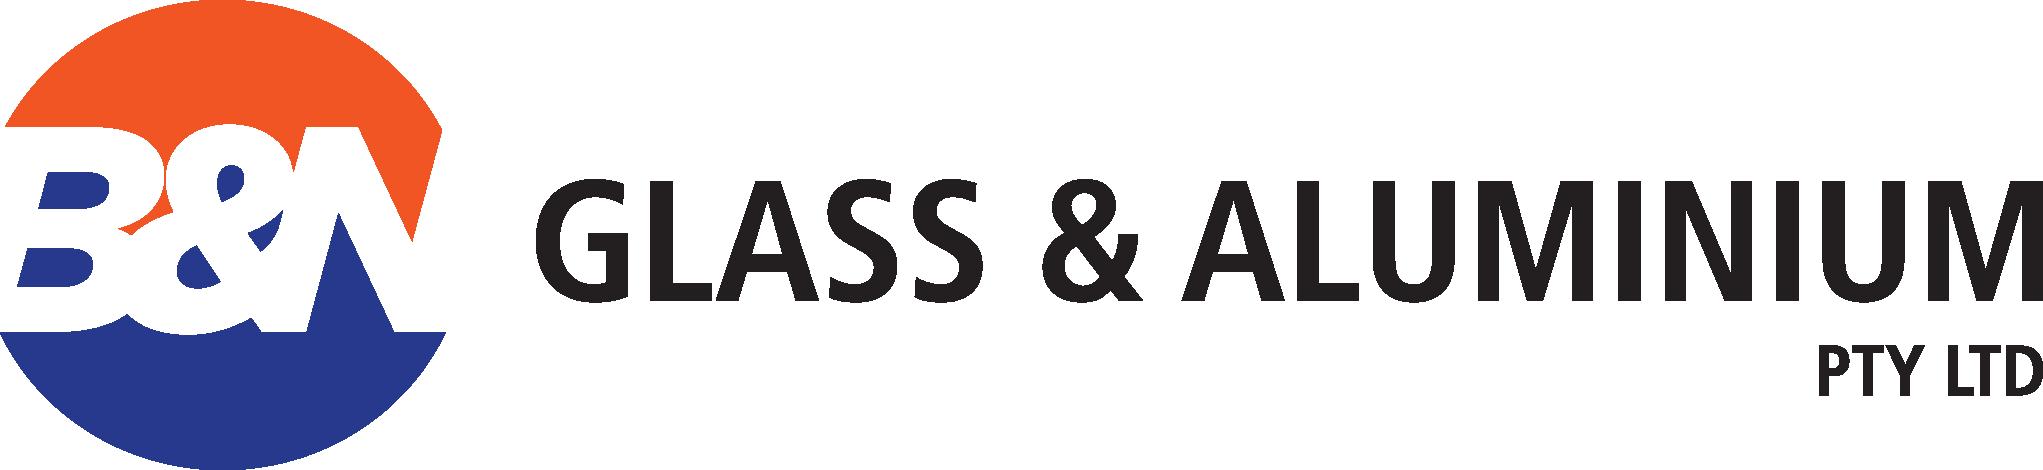 B&N Glass